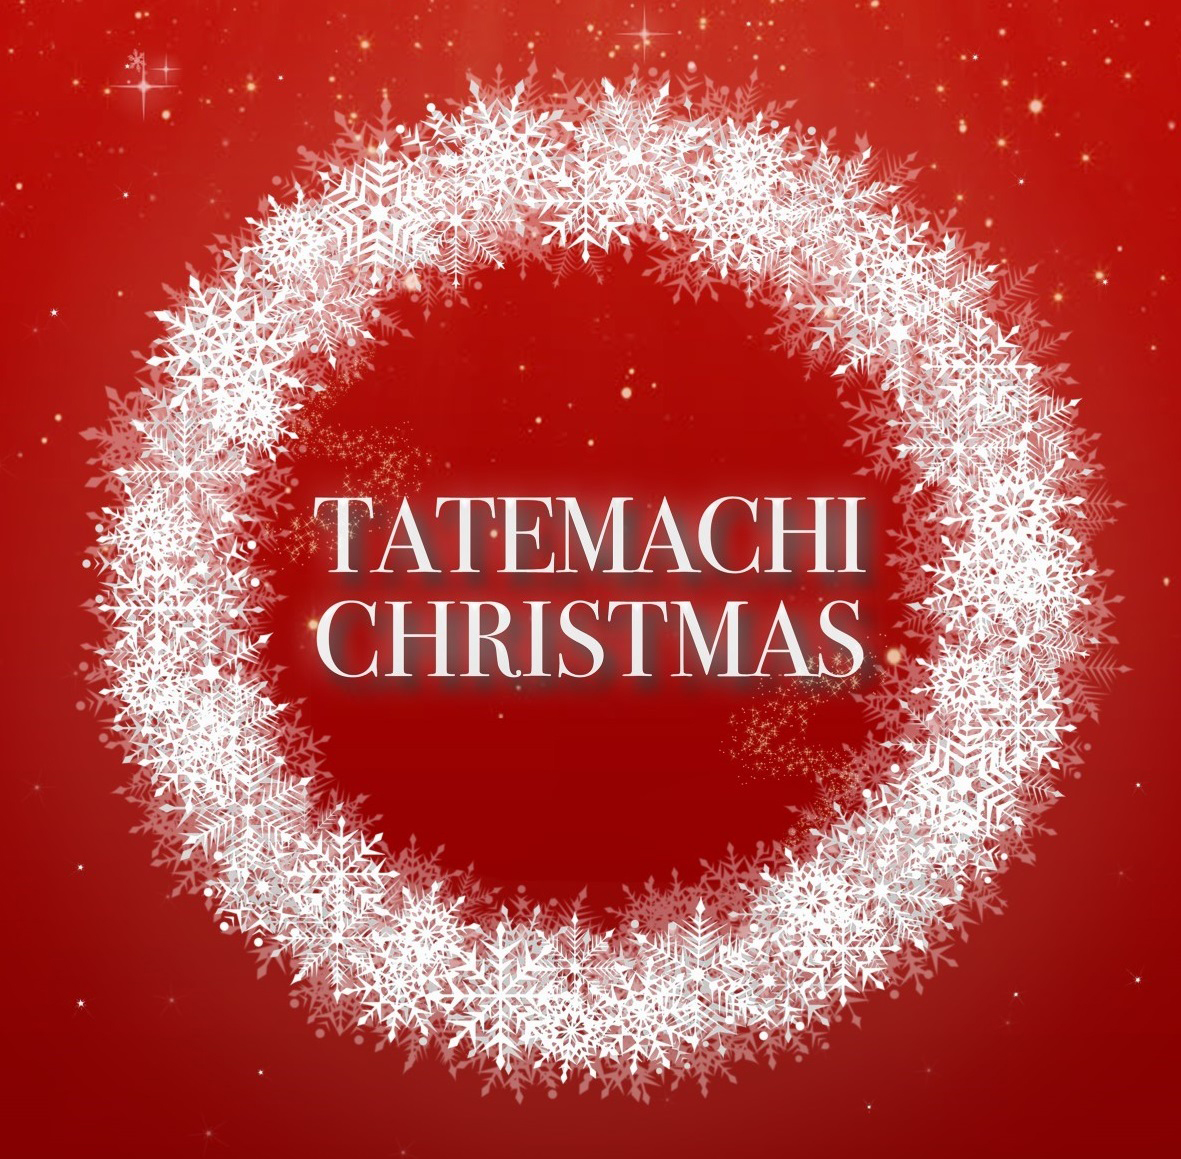 ジャンティールスタッフブログ「タテマチストリートのクリスマスキャンペーンのお知らせ」